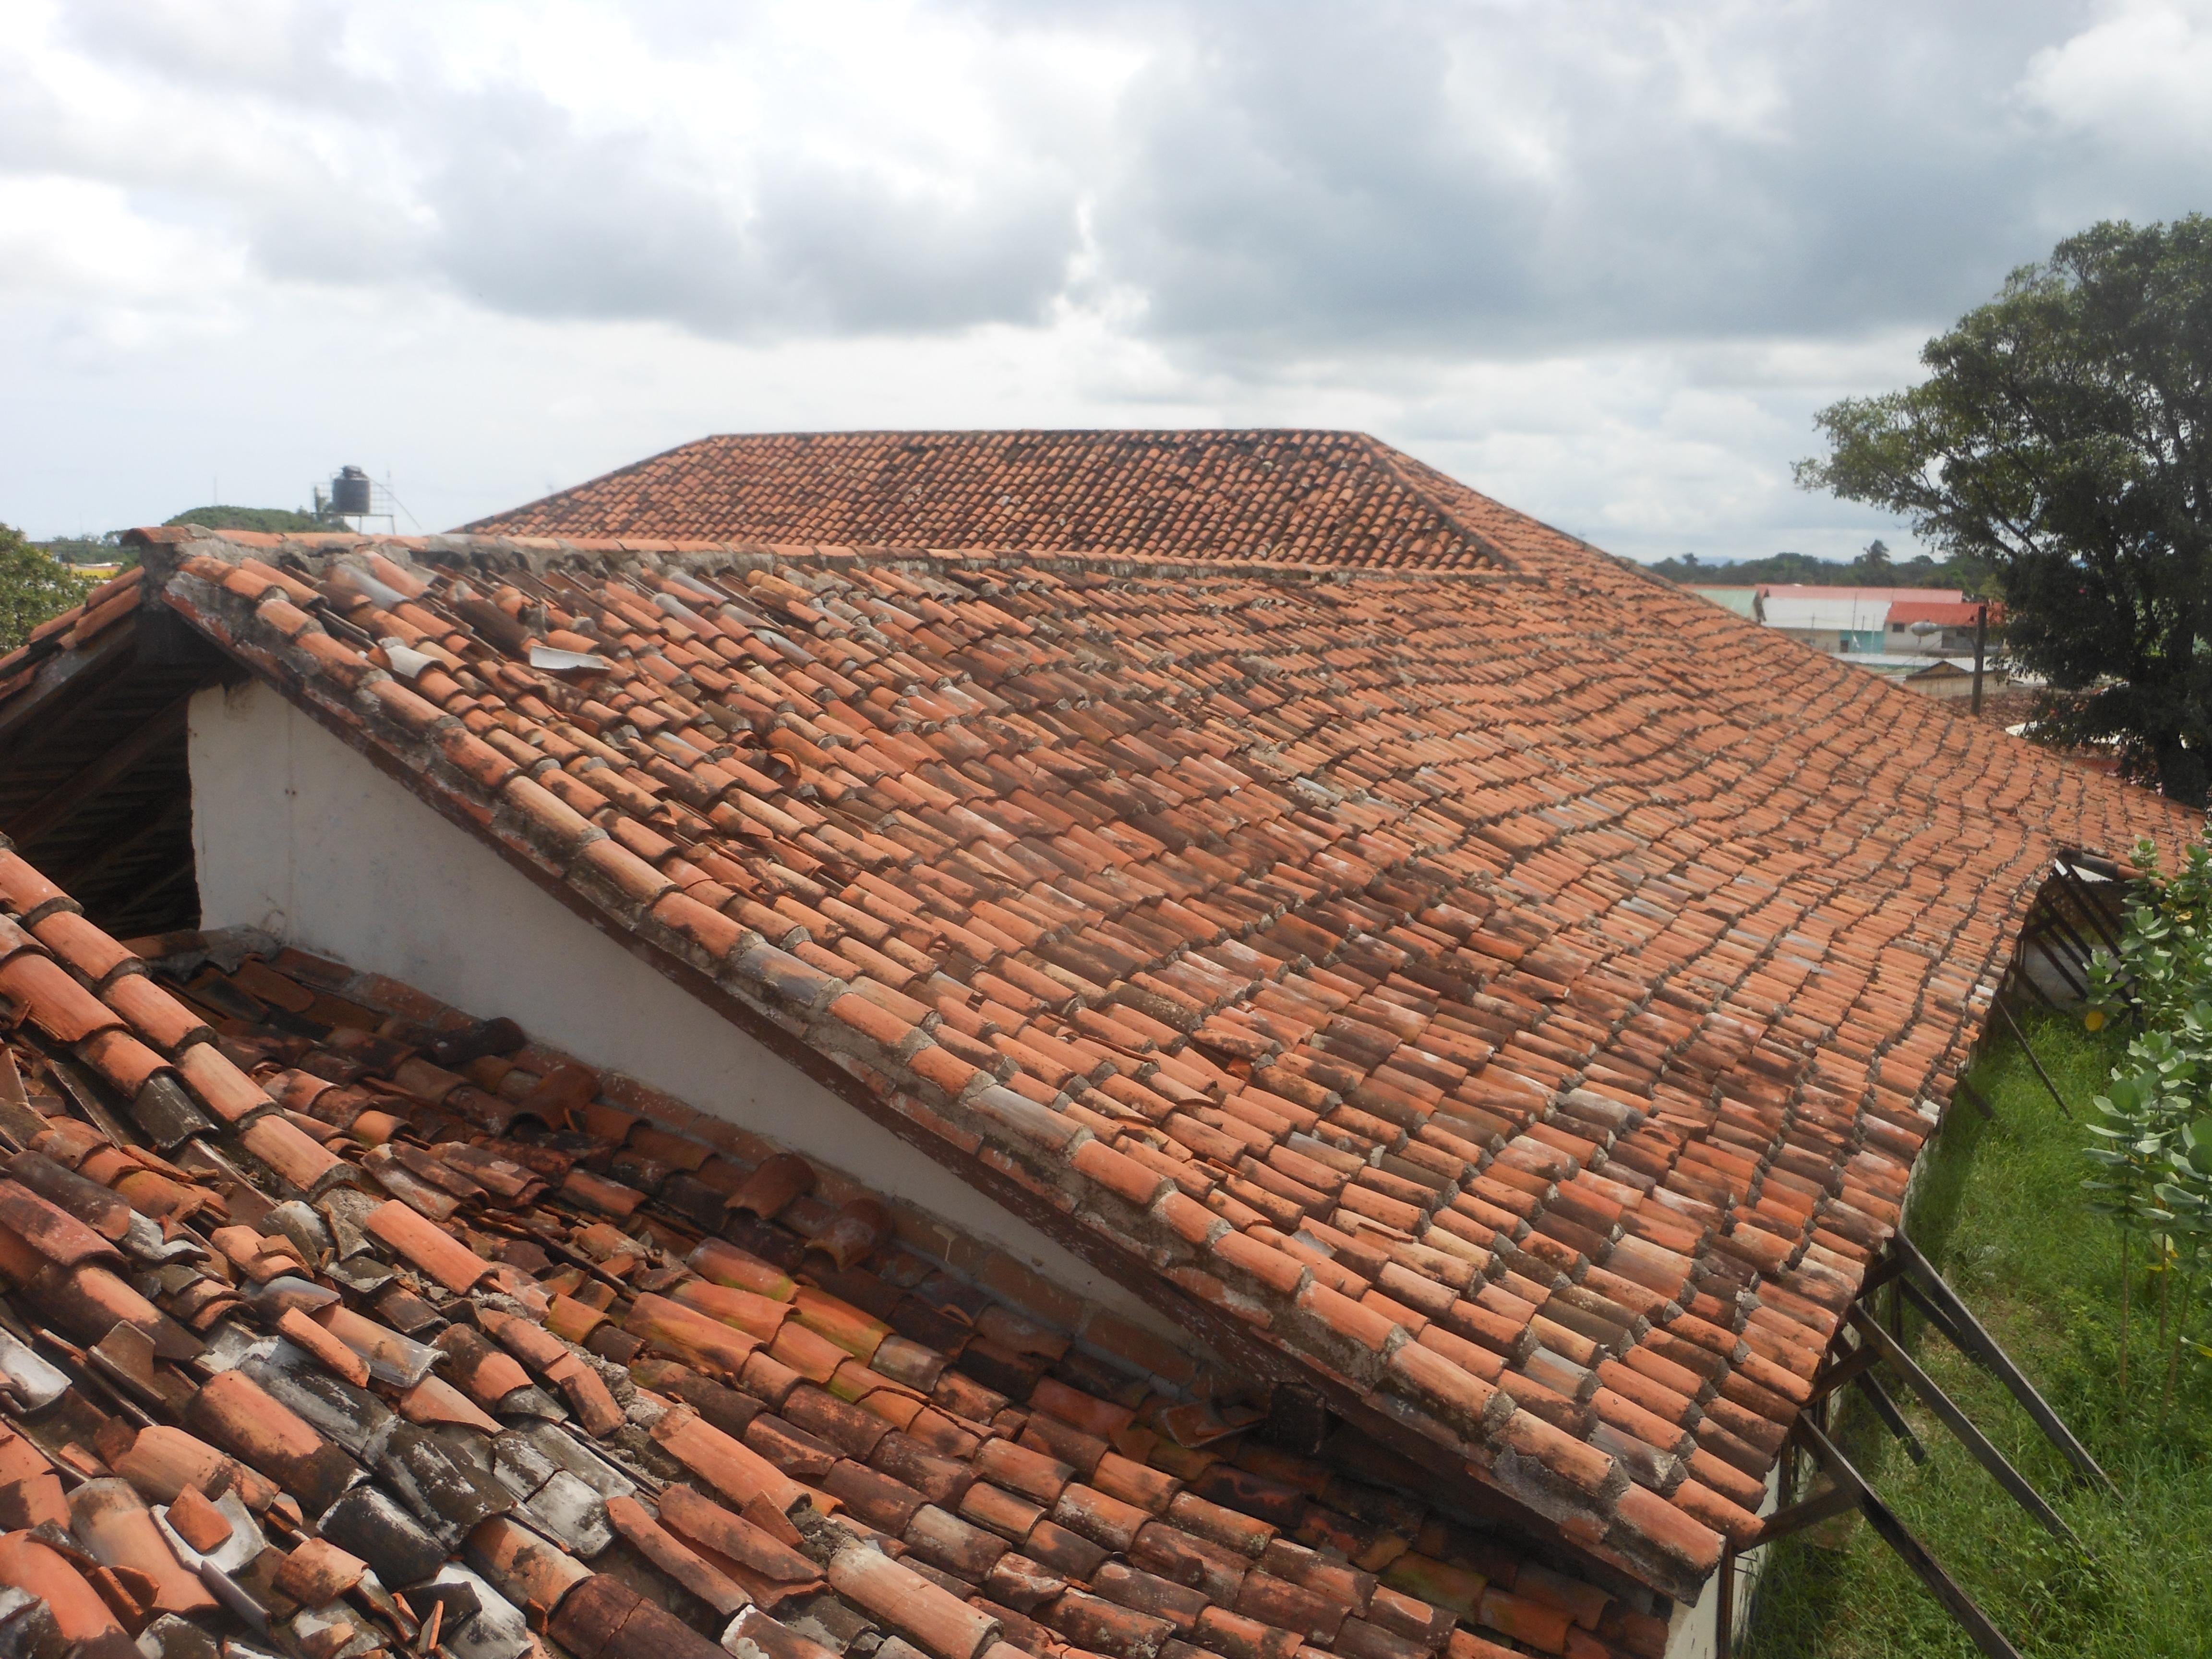 Nuevos da os en el tejado de la casa hacienda santa rsula for Tipos de tejados de casas